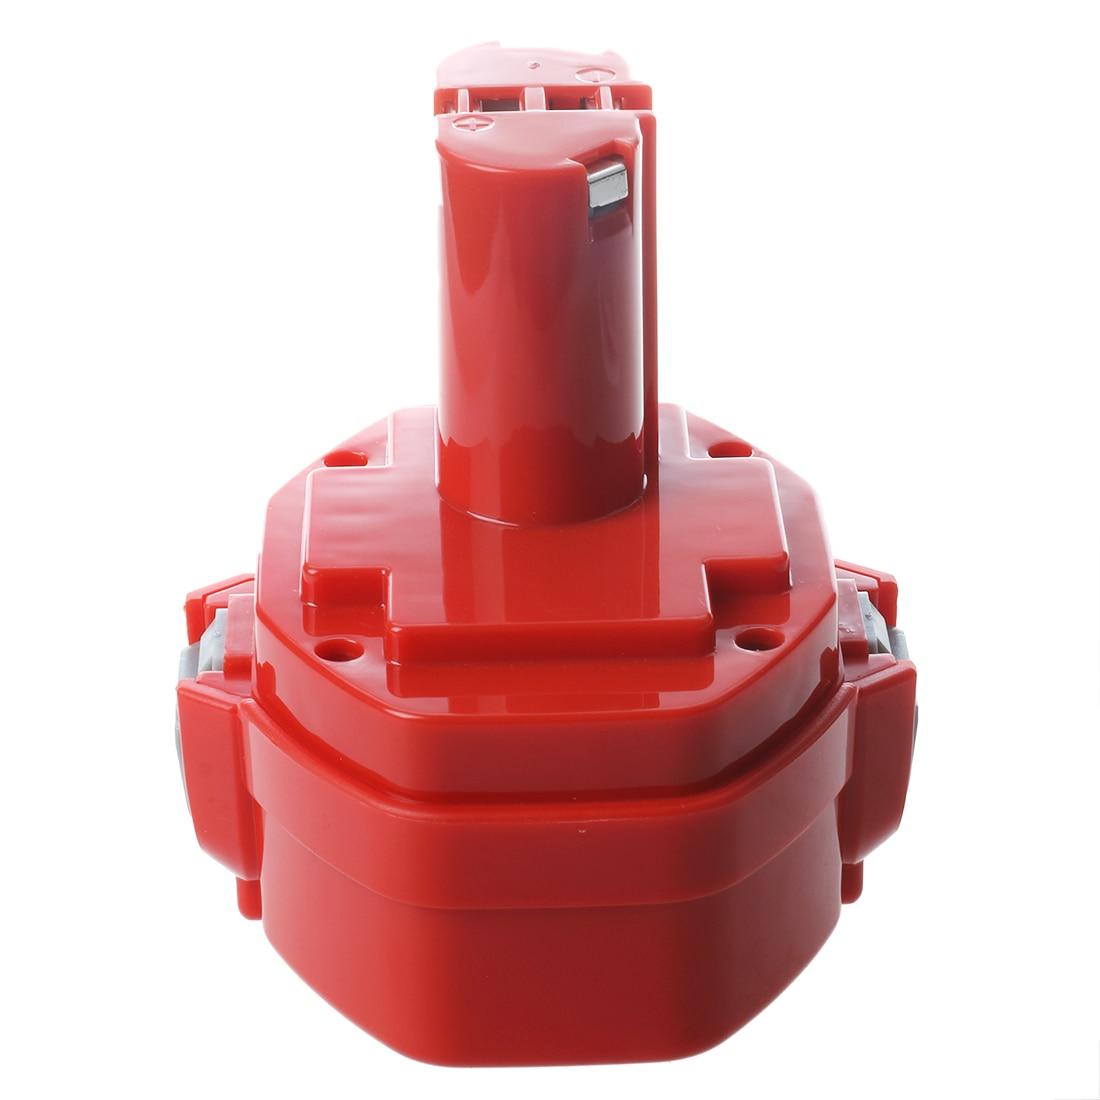 14 4V 3 0Ah NiMH Battery for Makita 6281D 6333D 6336D 6337D 6339D Red